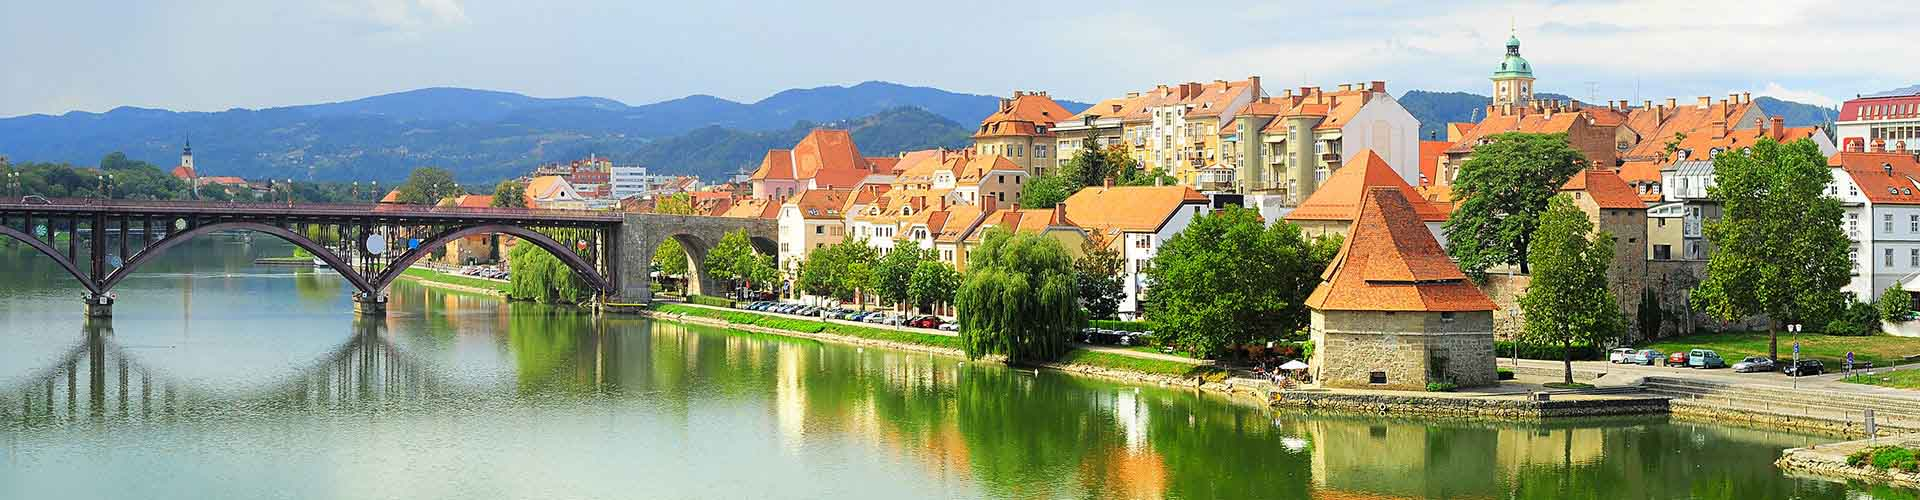 Maribor – Hostels in Maribor. Maribor auf der Karte. Fotos und Bewertungen für jedes Hostel in Maribor.